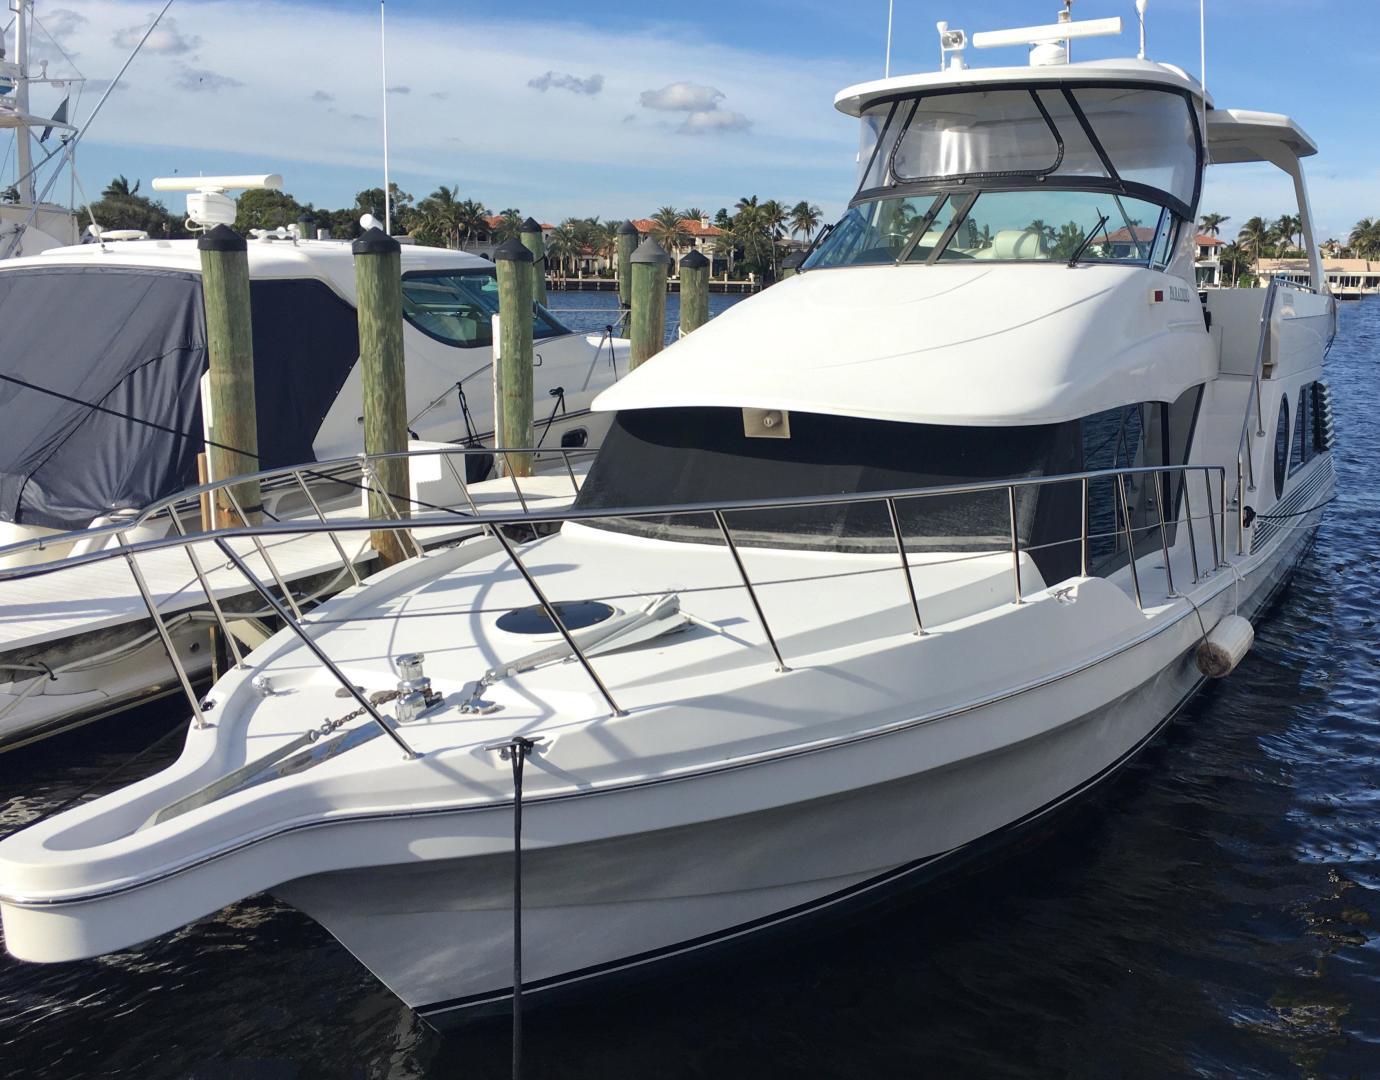 52' Bluewater Yachts 2001 millennium